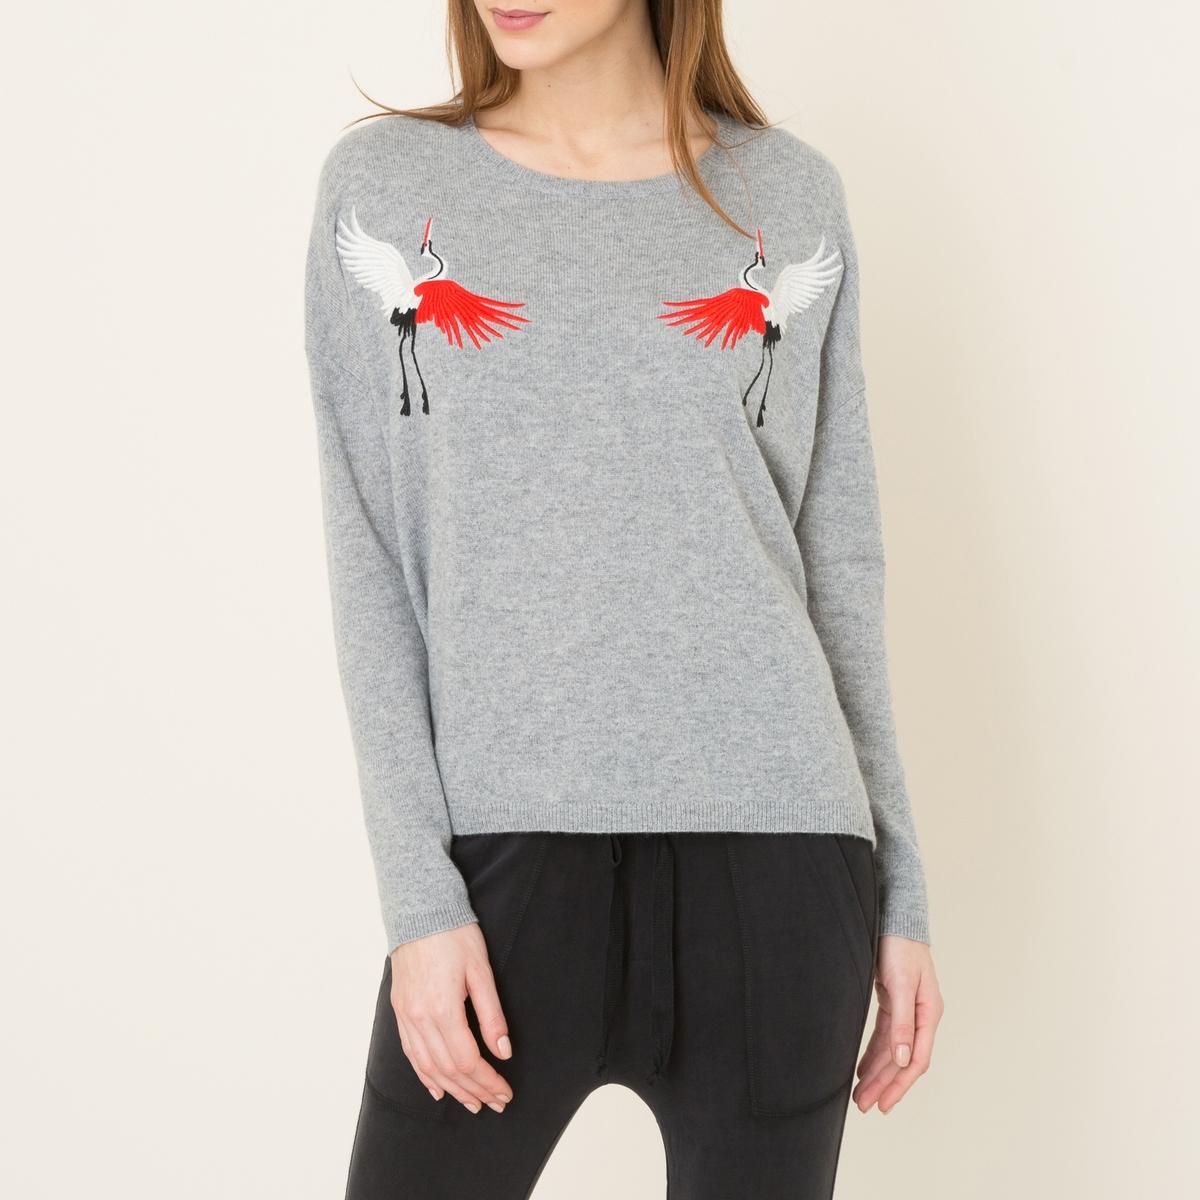 Пуловер из кашемира с вышивкойСостав и описание Материал : 100% кашемирВышивка 65% полиэстера, 35% металлизированных волоконМарка : THE KOOPLES<br><br>Цвет: серый<br>Размер: M